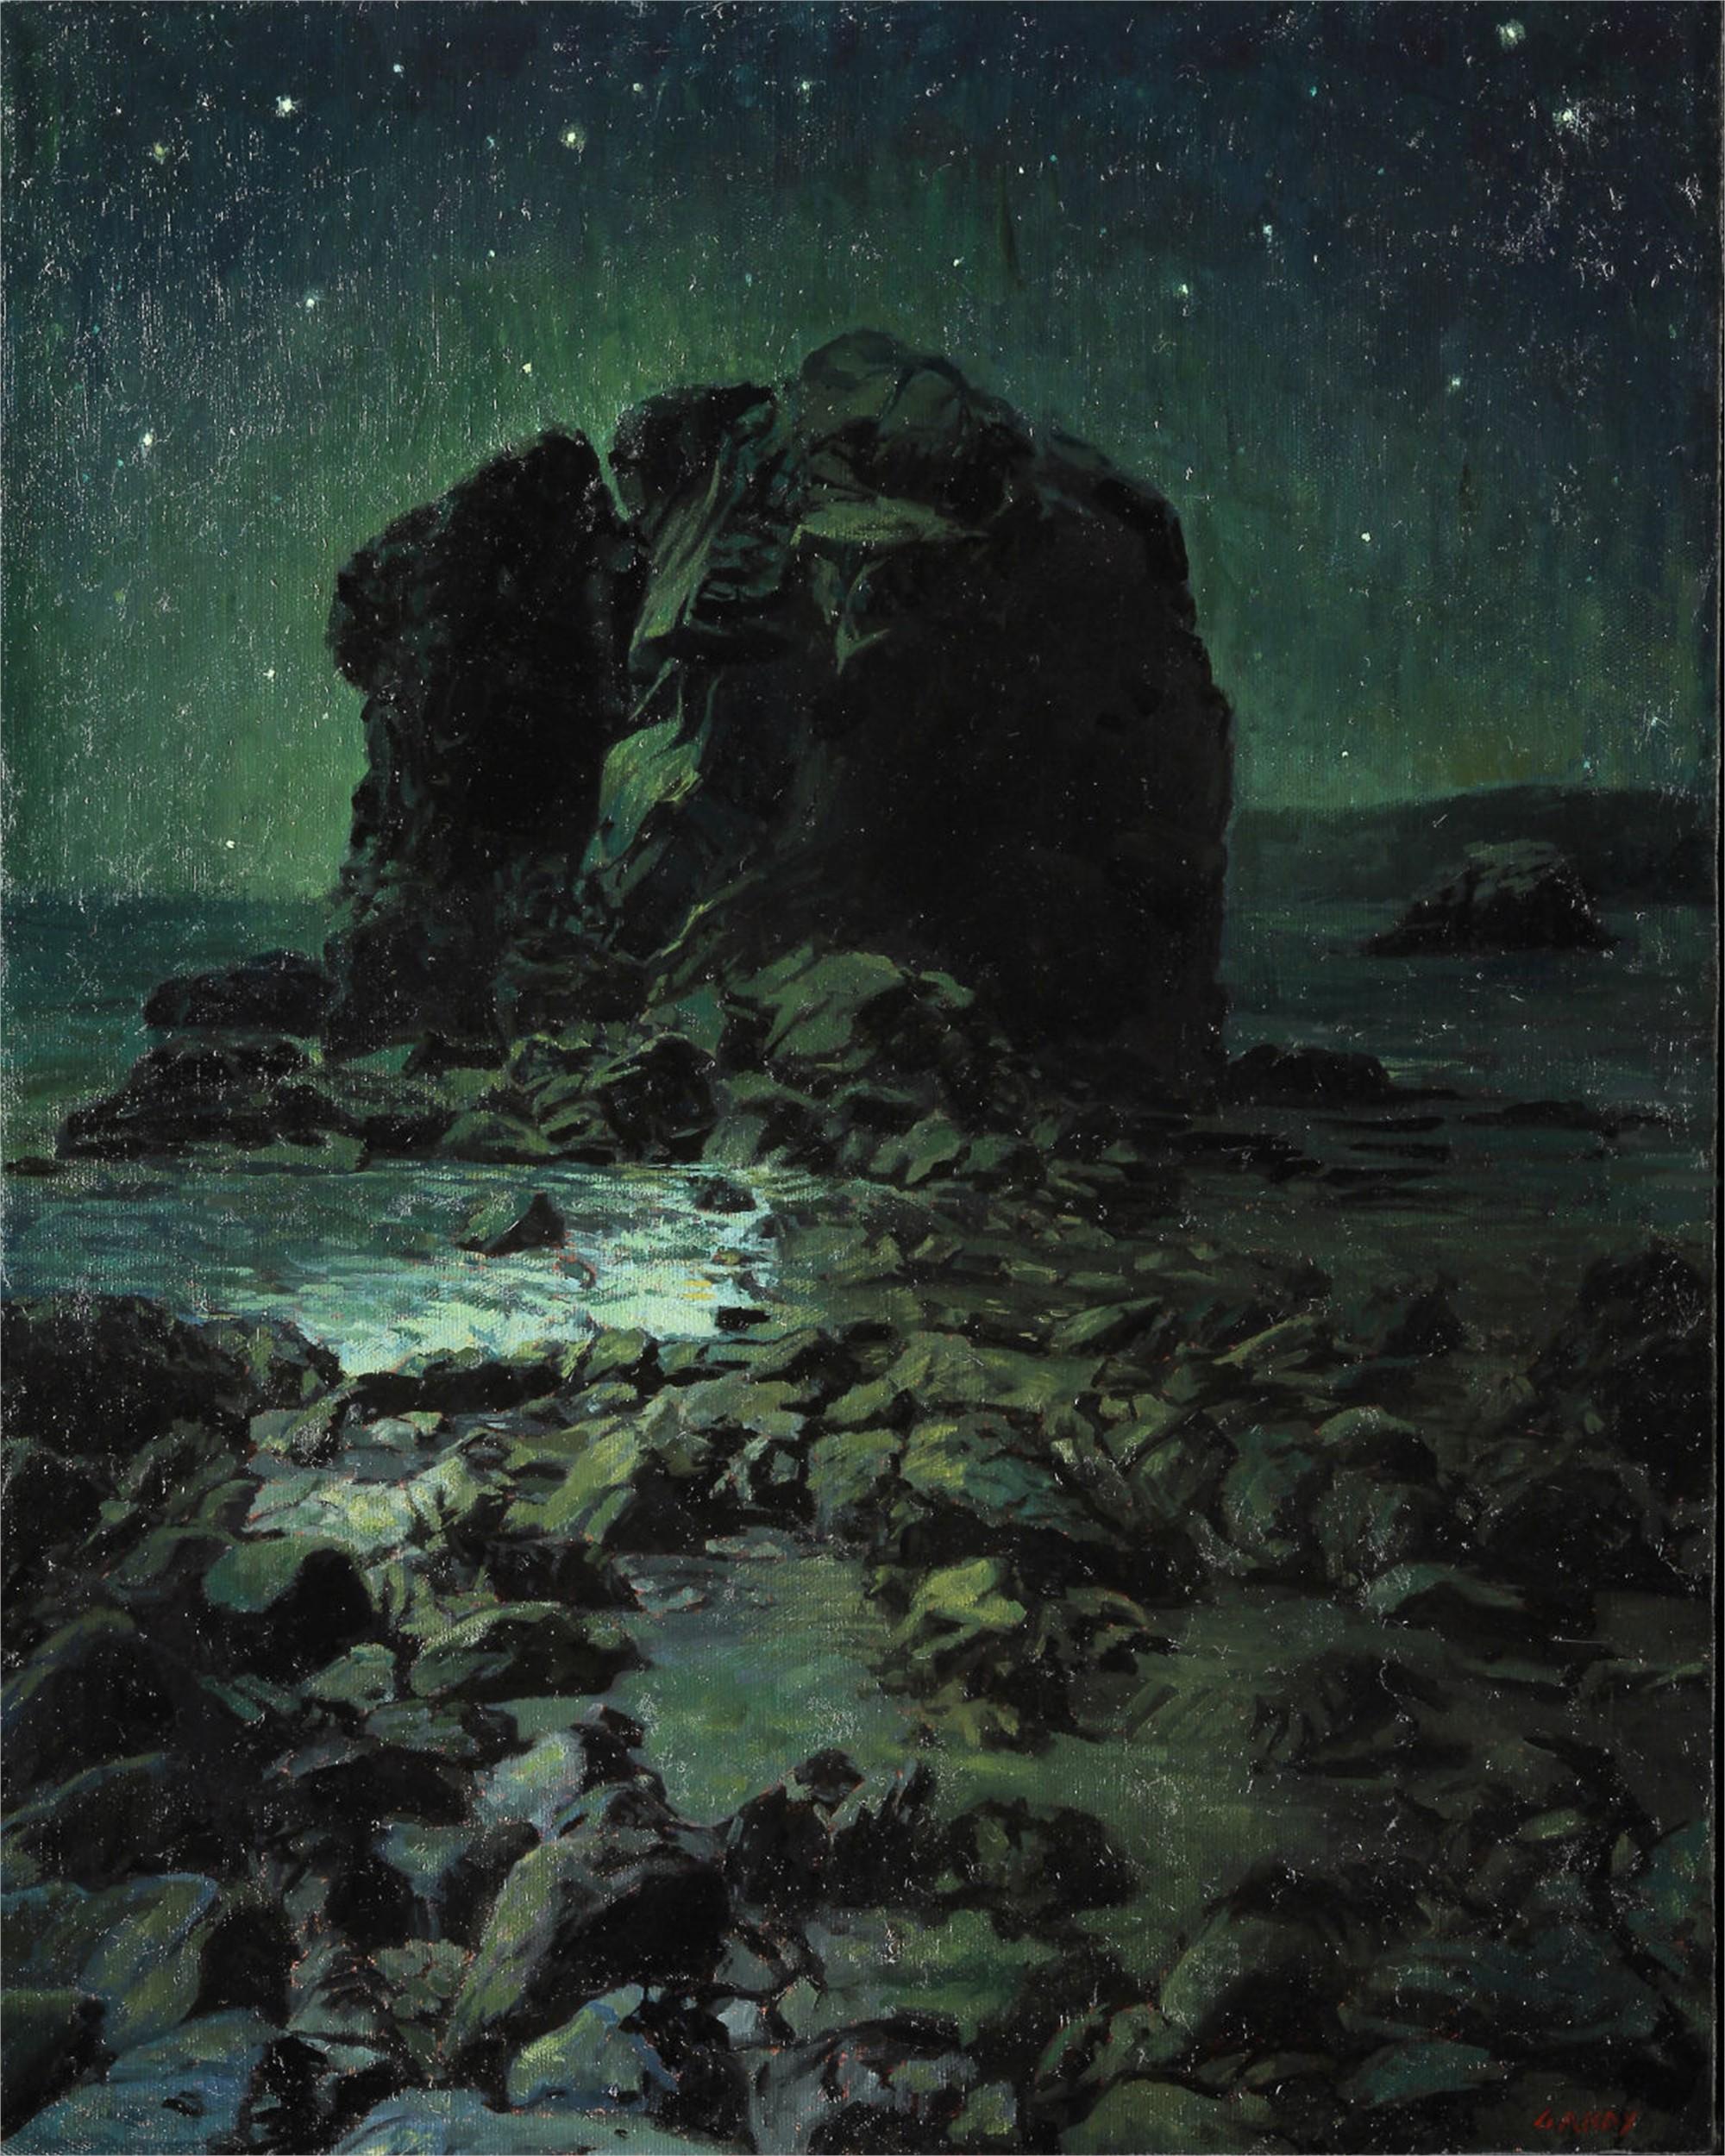 Night Scene by Greg Gandy